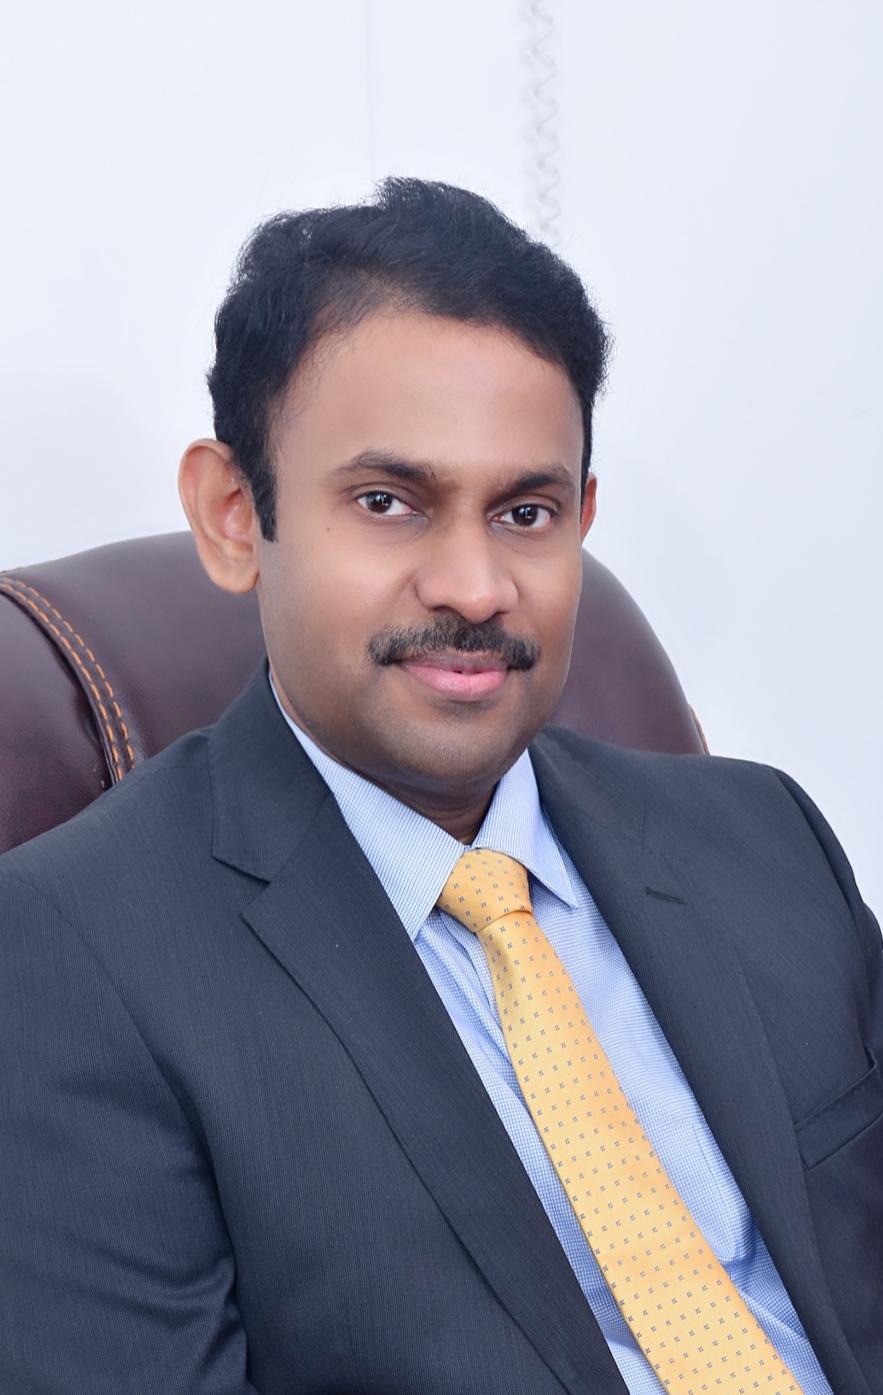 Dr. Karthic Babu Natarajan